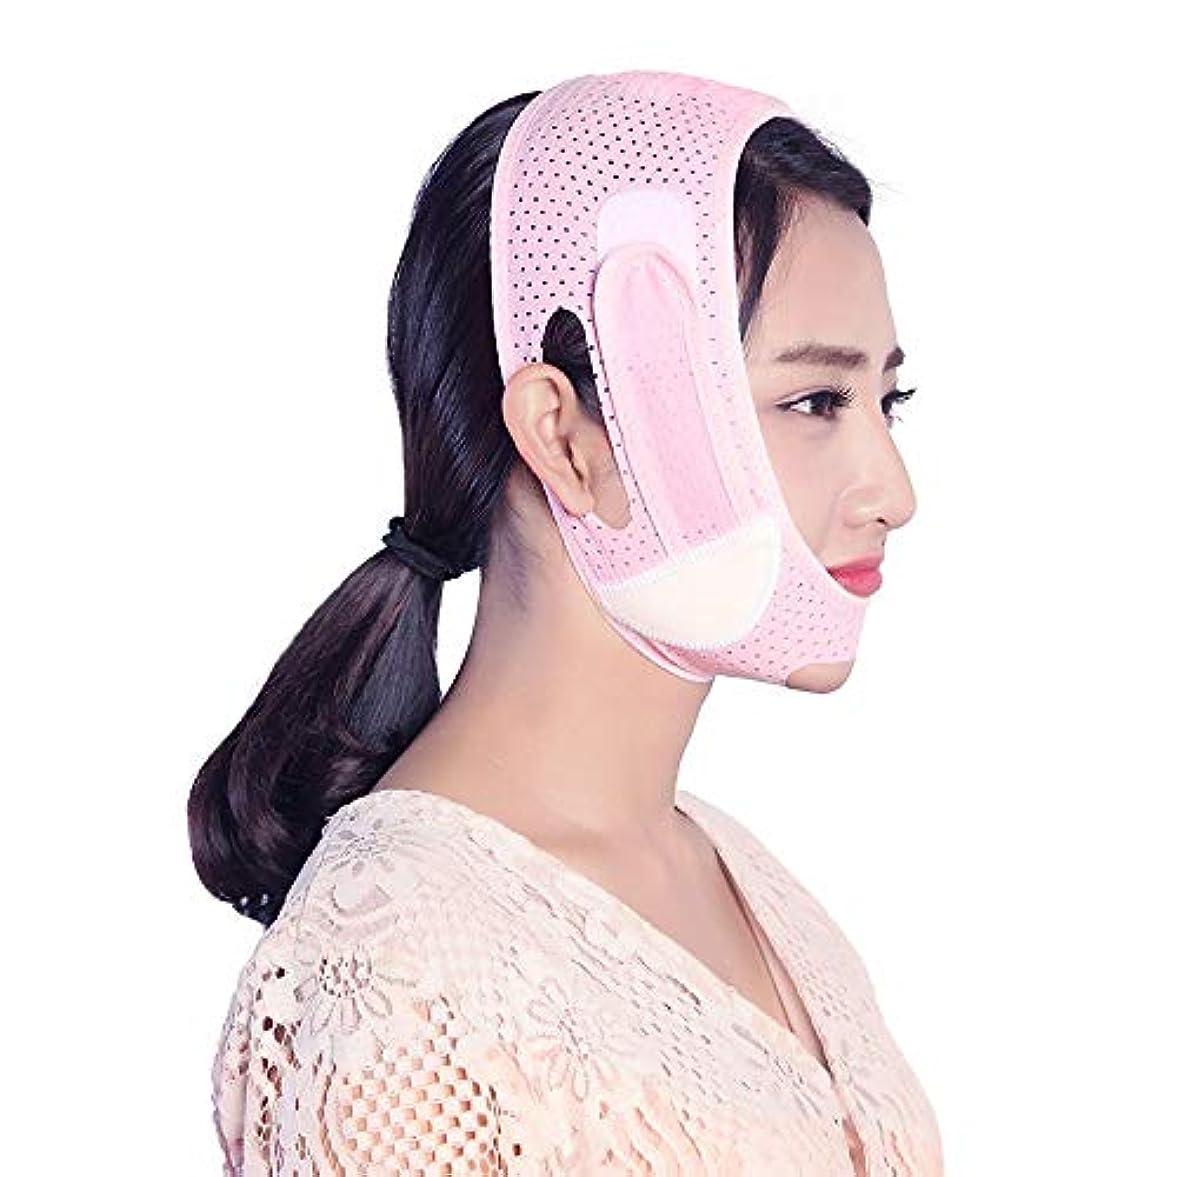 カルシウムさびた多様な睡眠薄い顔パッチ包帯吊り上げプルv顔引き締めどころアーティファクト判決パターン二重あご薄いマッセルマスク - ピンク